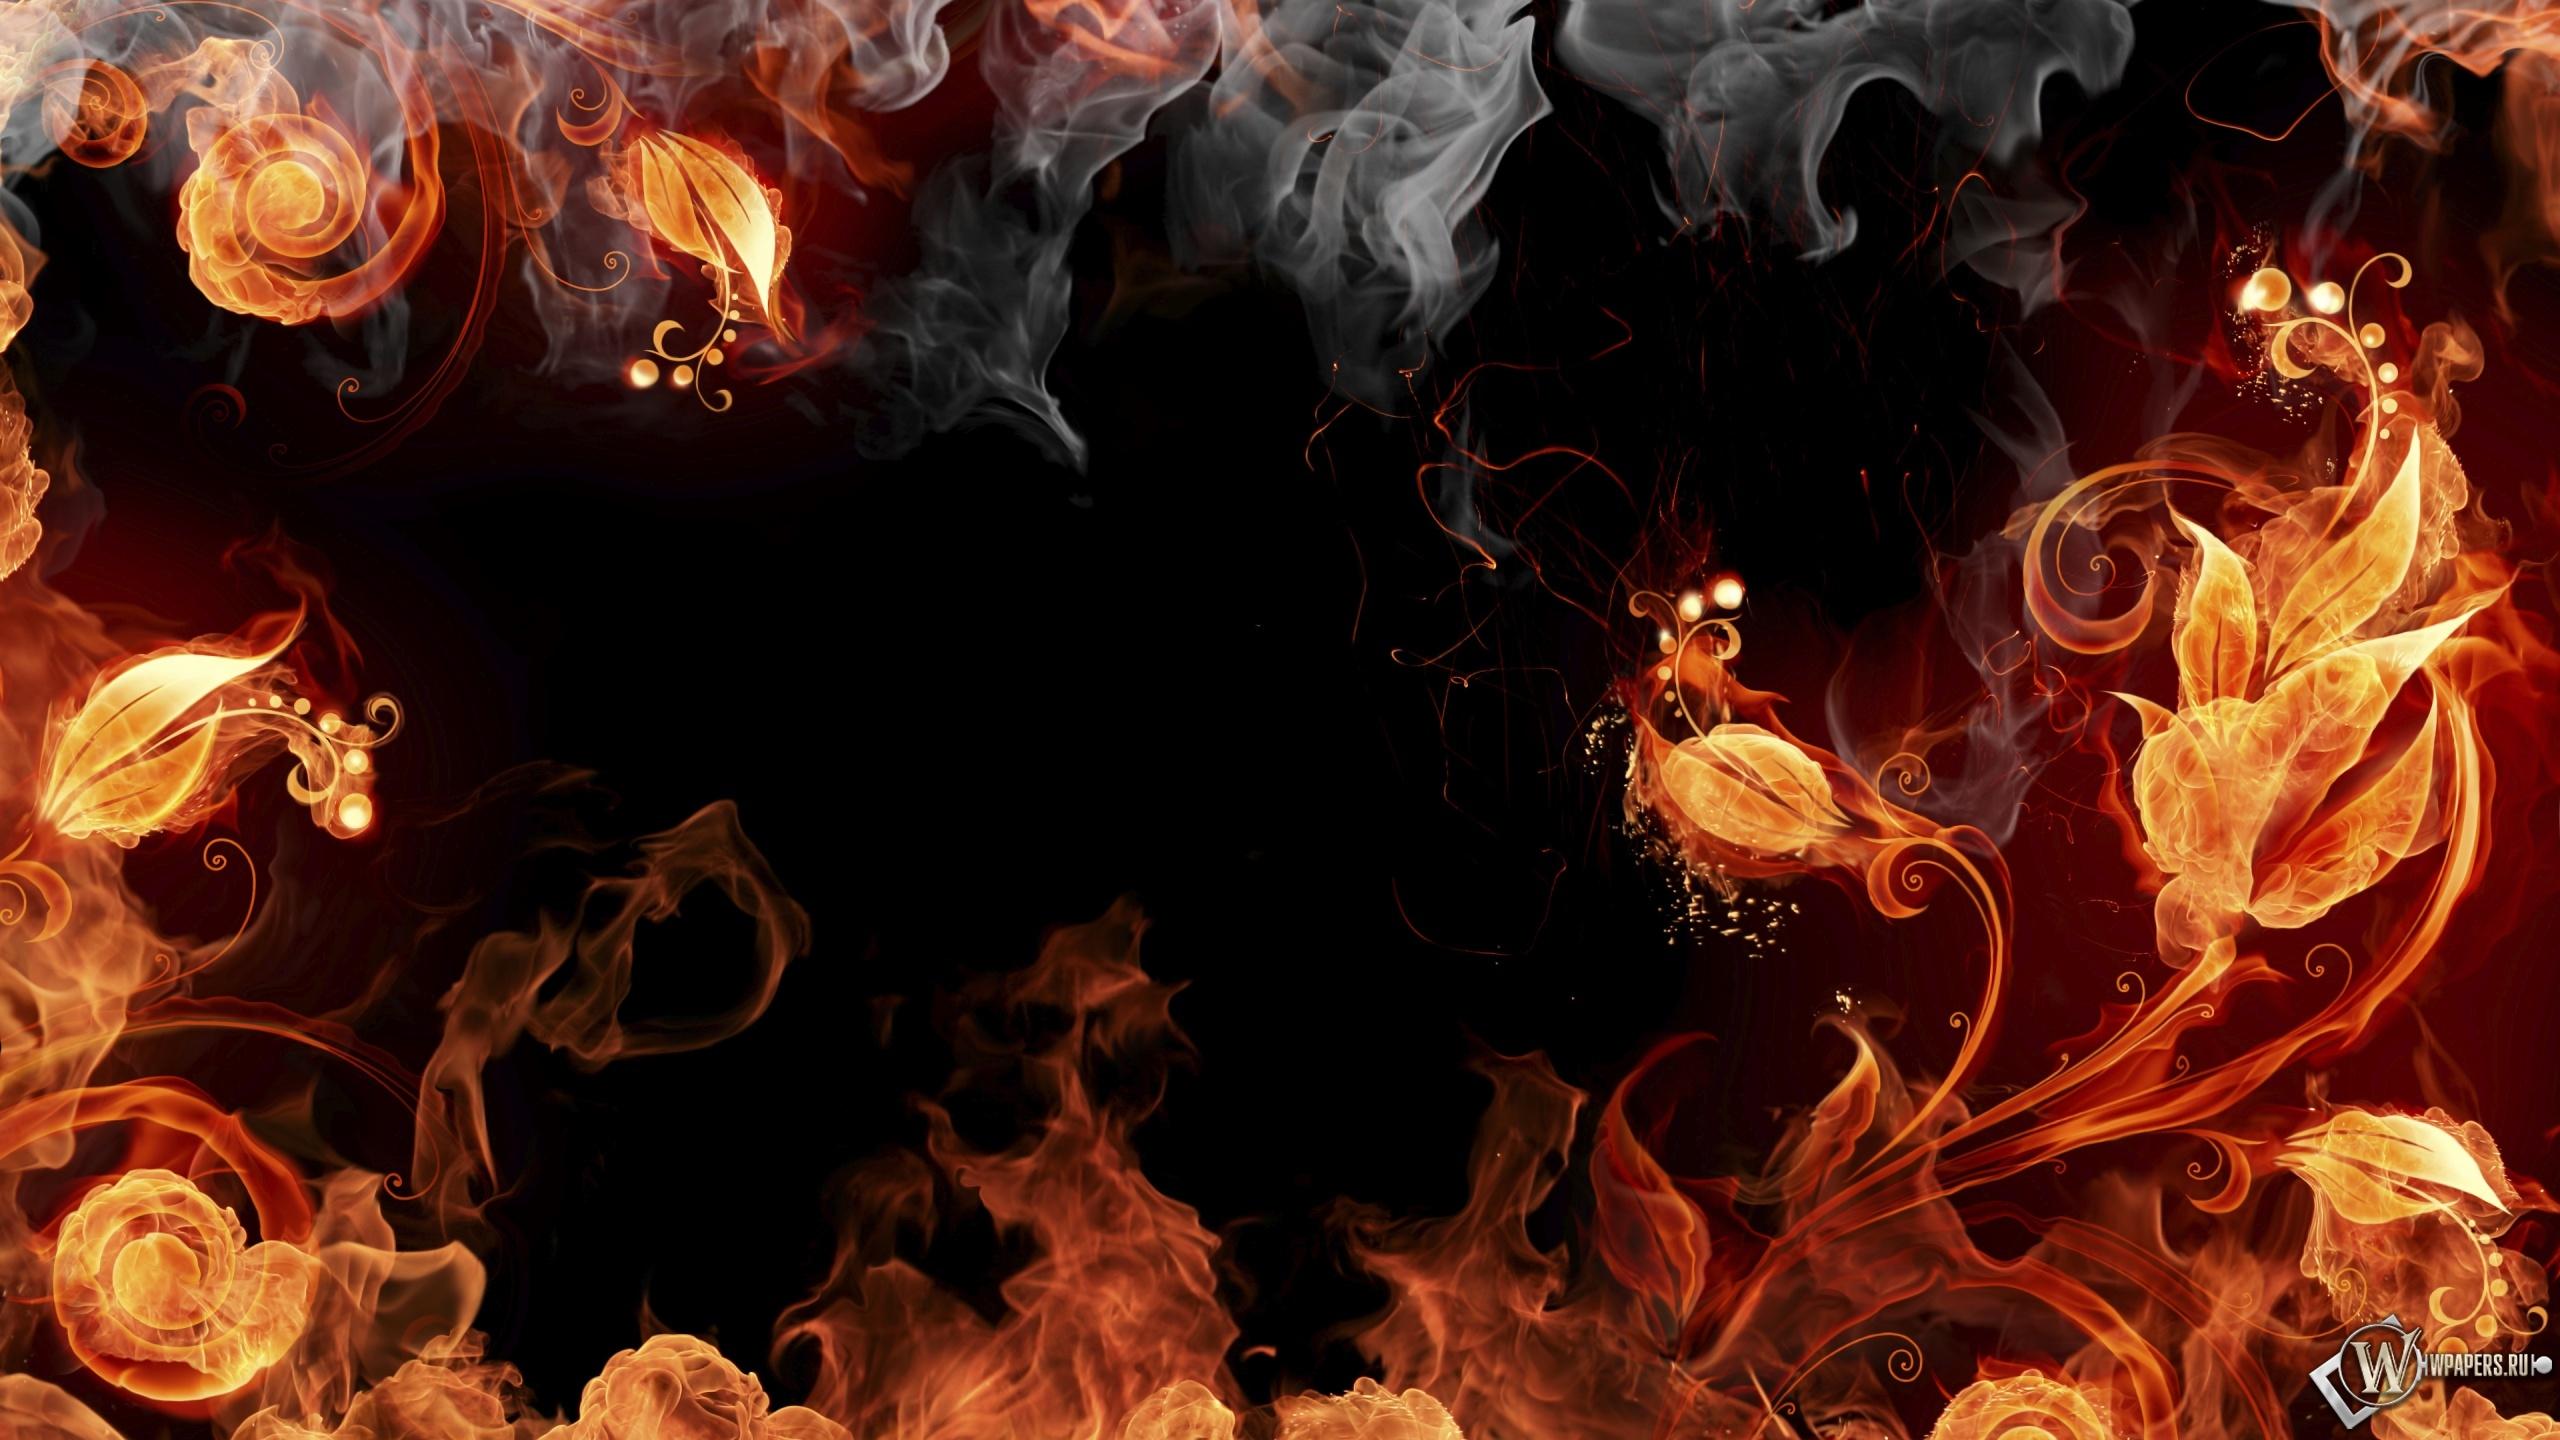 Огненные цветы 2560x1440